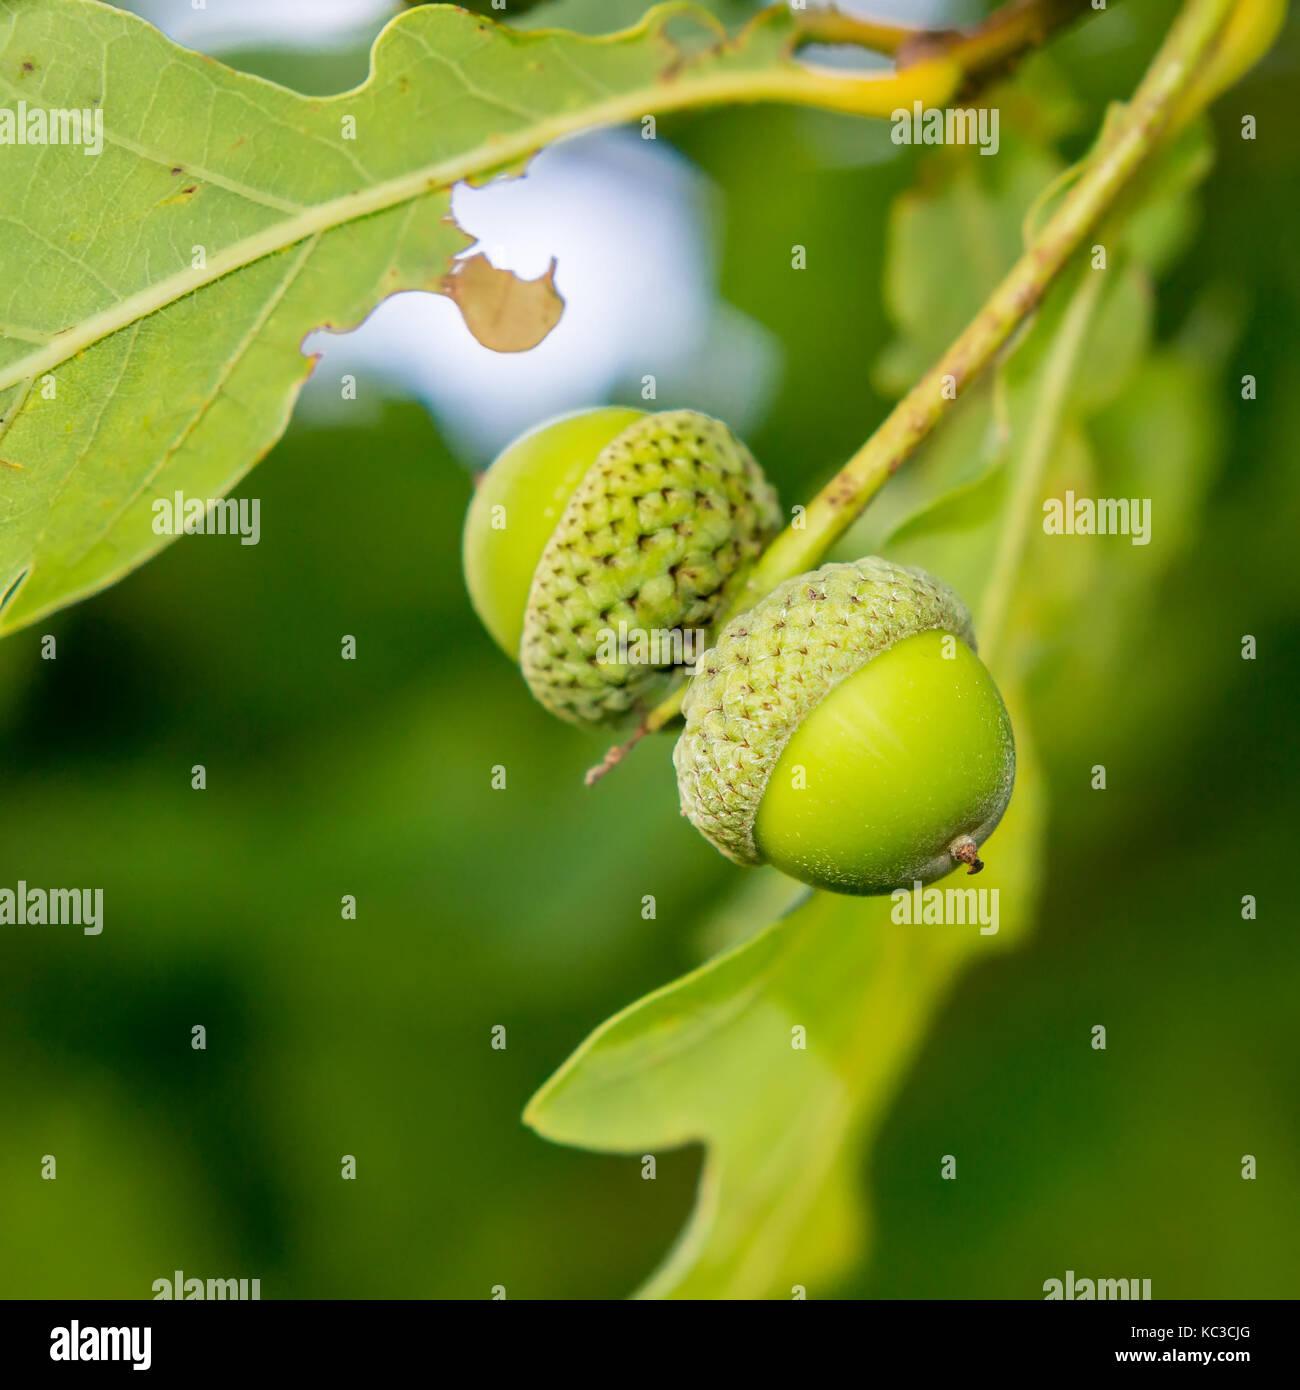 Dos jóvenes bellotas verdes Foto de stock